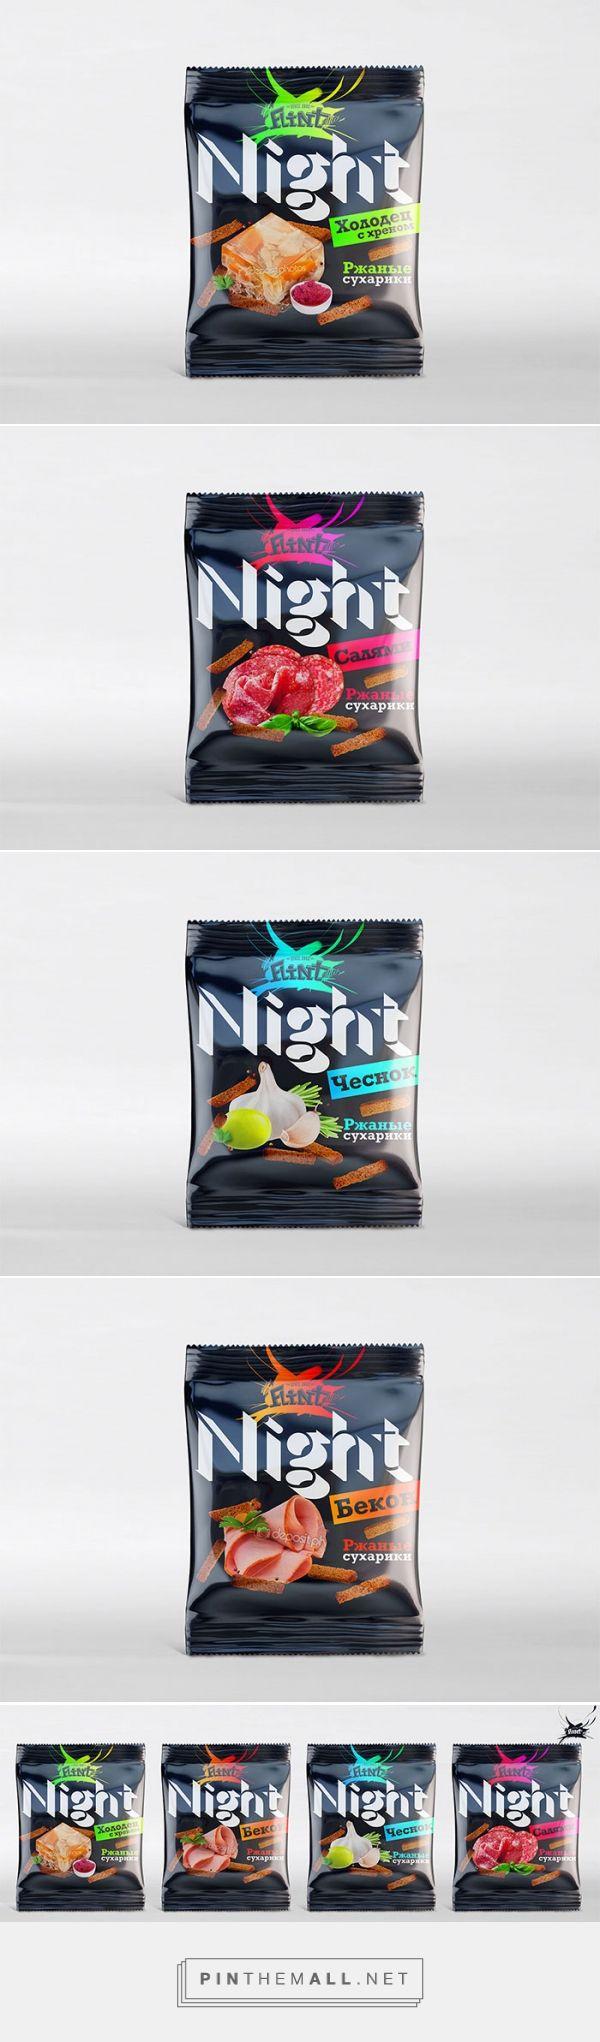 Flint Night